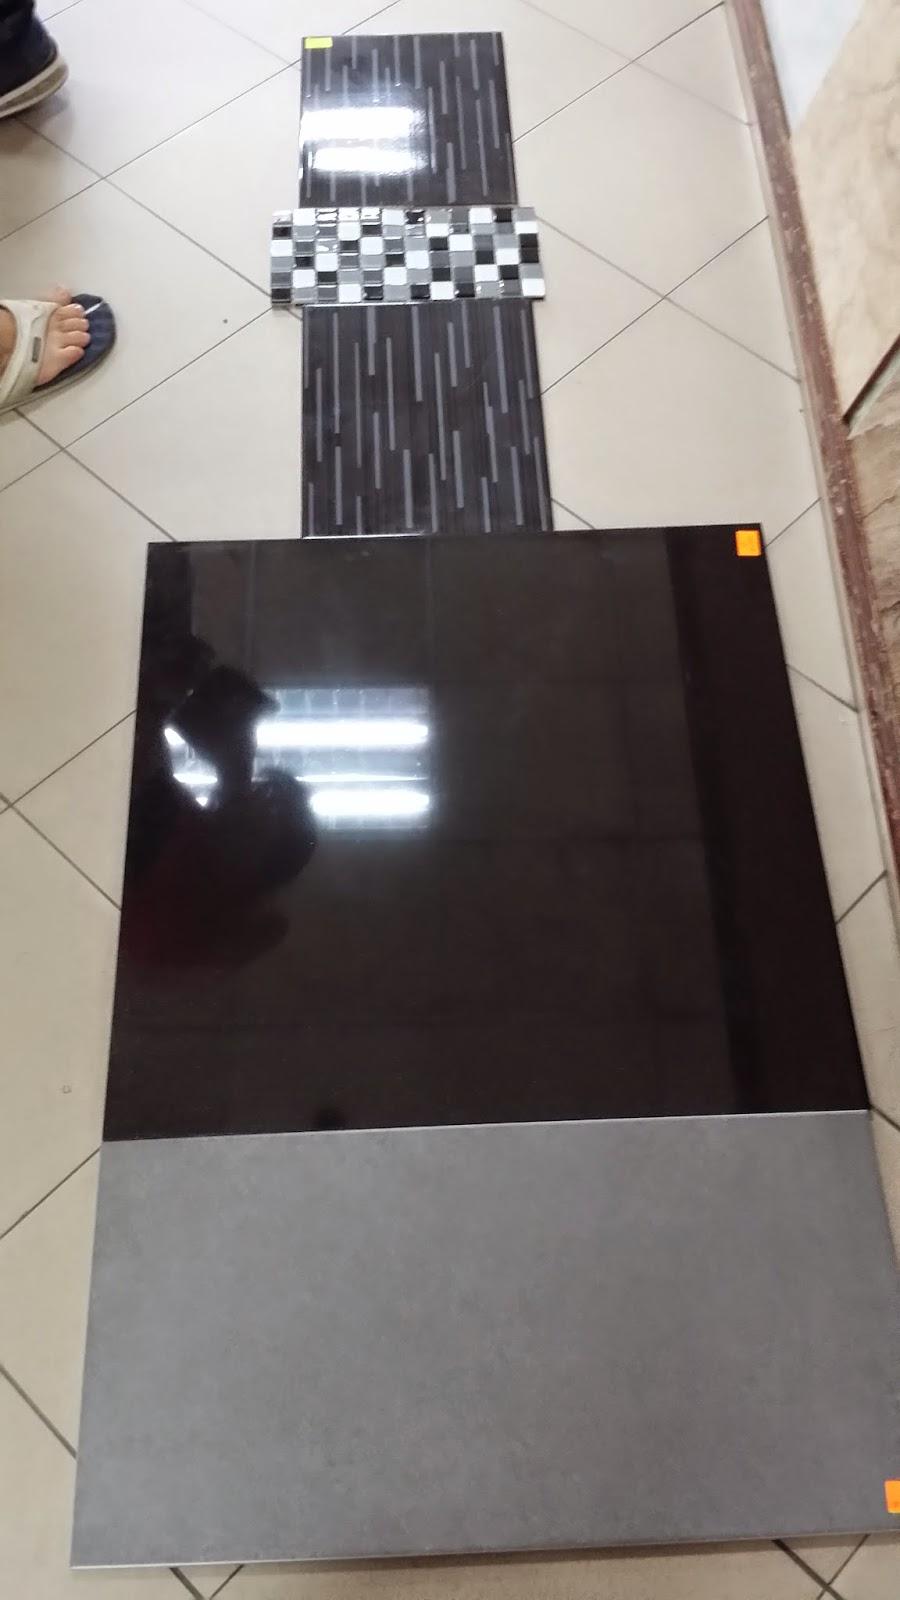 Kami Sepakat Pilih Kombinasi Gmbr Ke 2 Sbb Nmpk Lbh Ok Tiles Corak Jalur2 Gl Mosaic Utk Dinding Hitam Bsr Ada Tp X Dlm Table